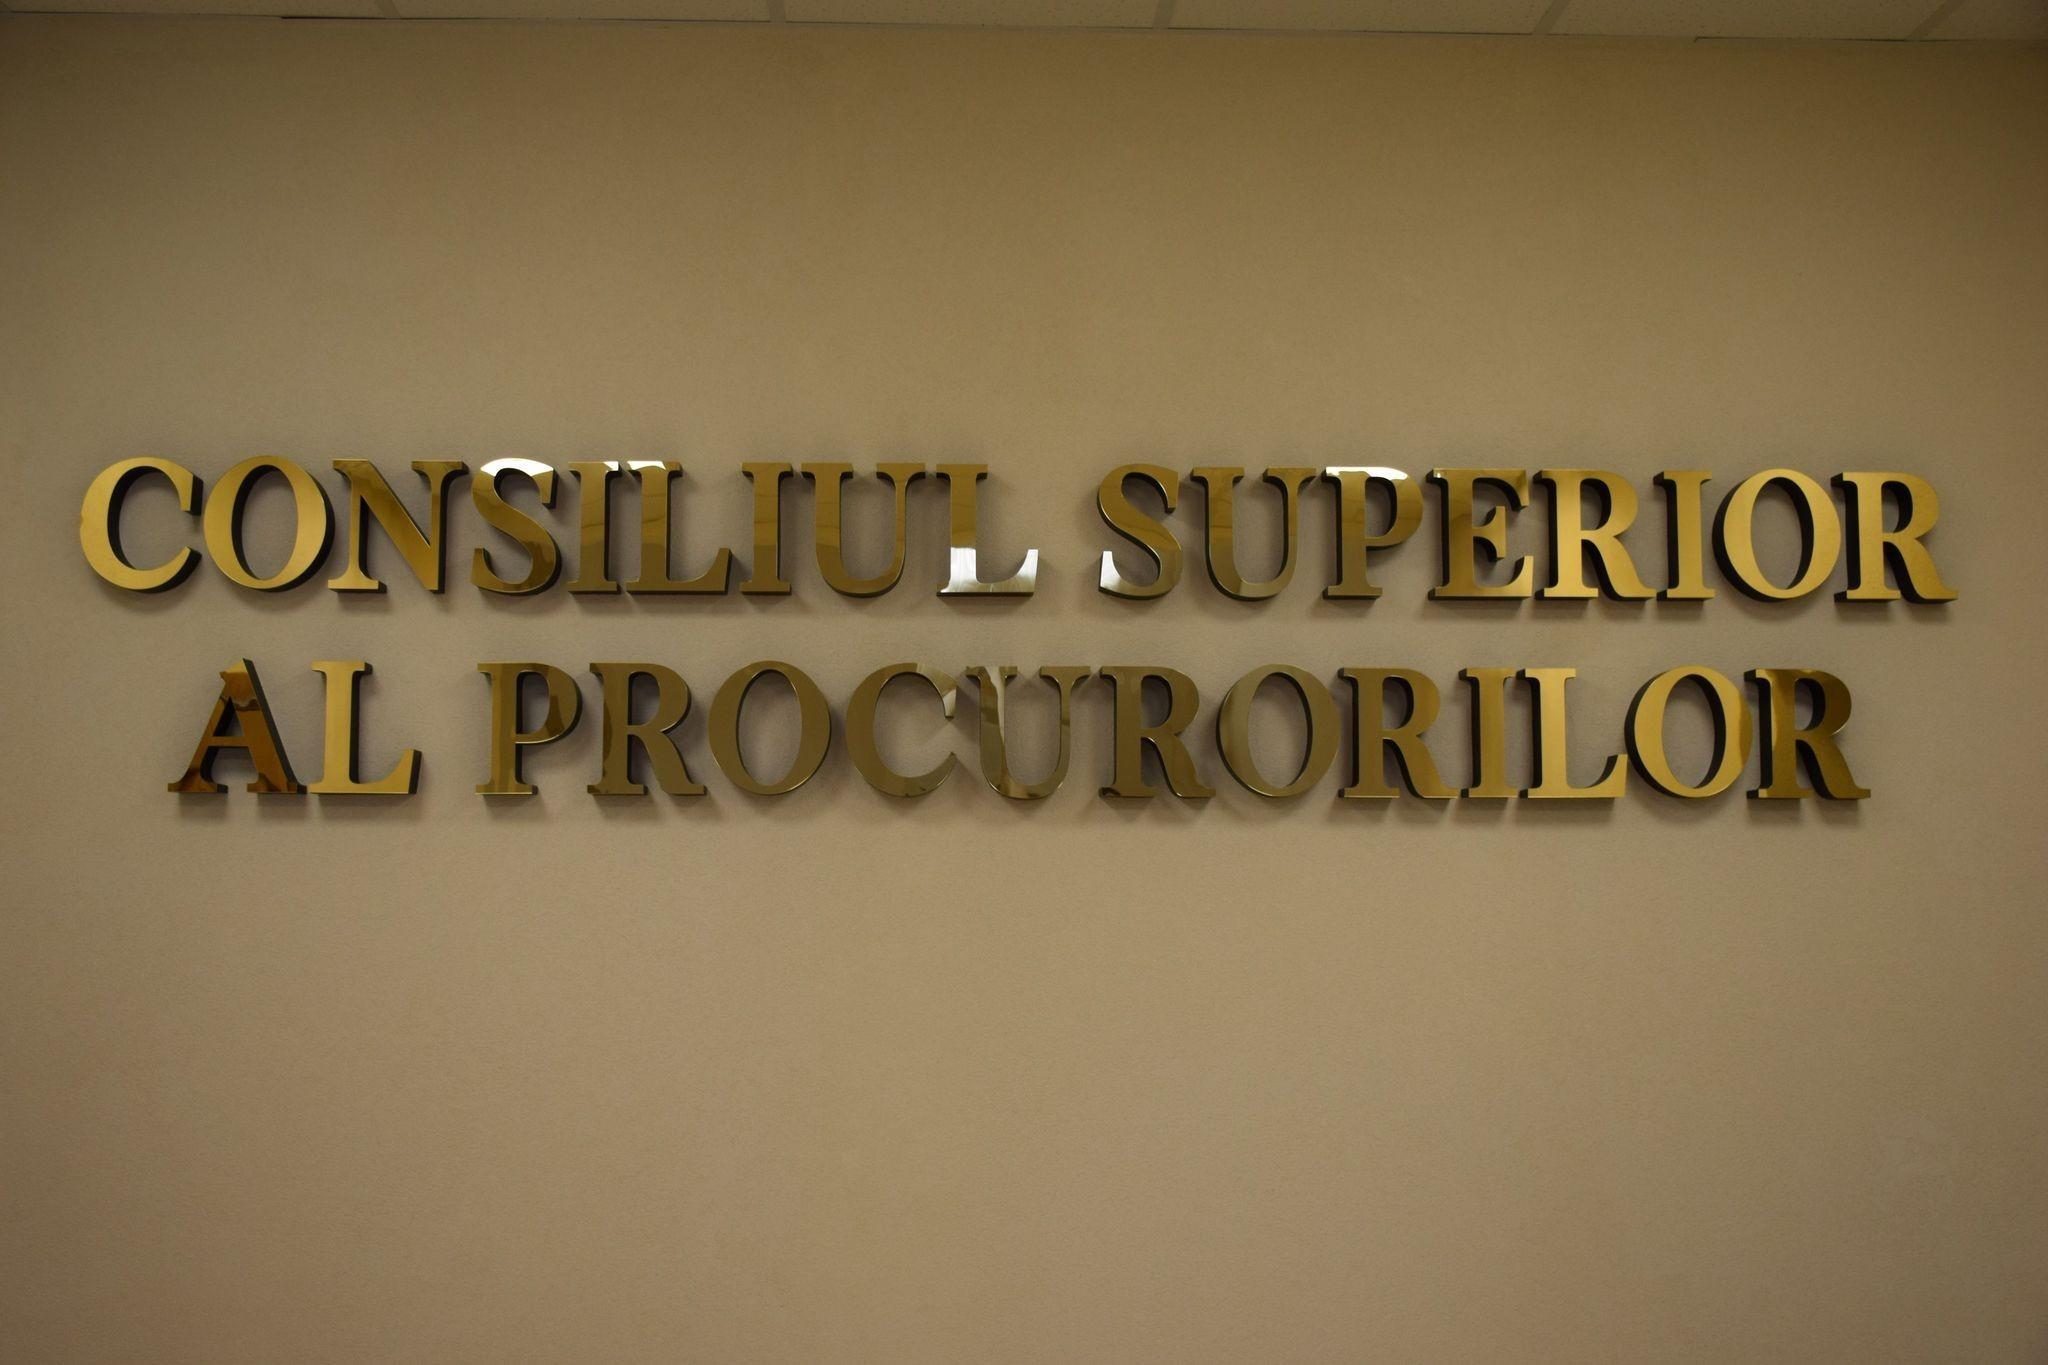 Ministerul Justiției vrea revizuirea componenței Consiliului Superior al Procurorilor